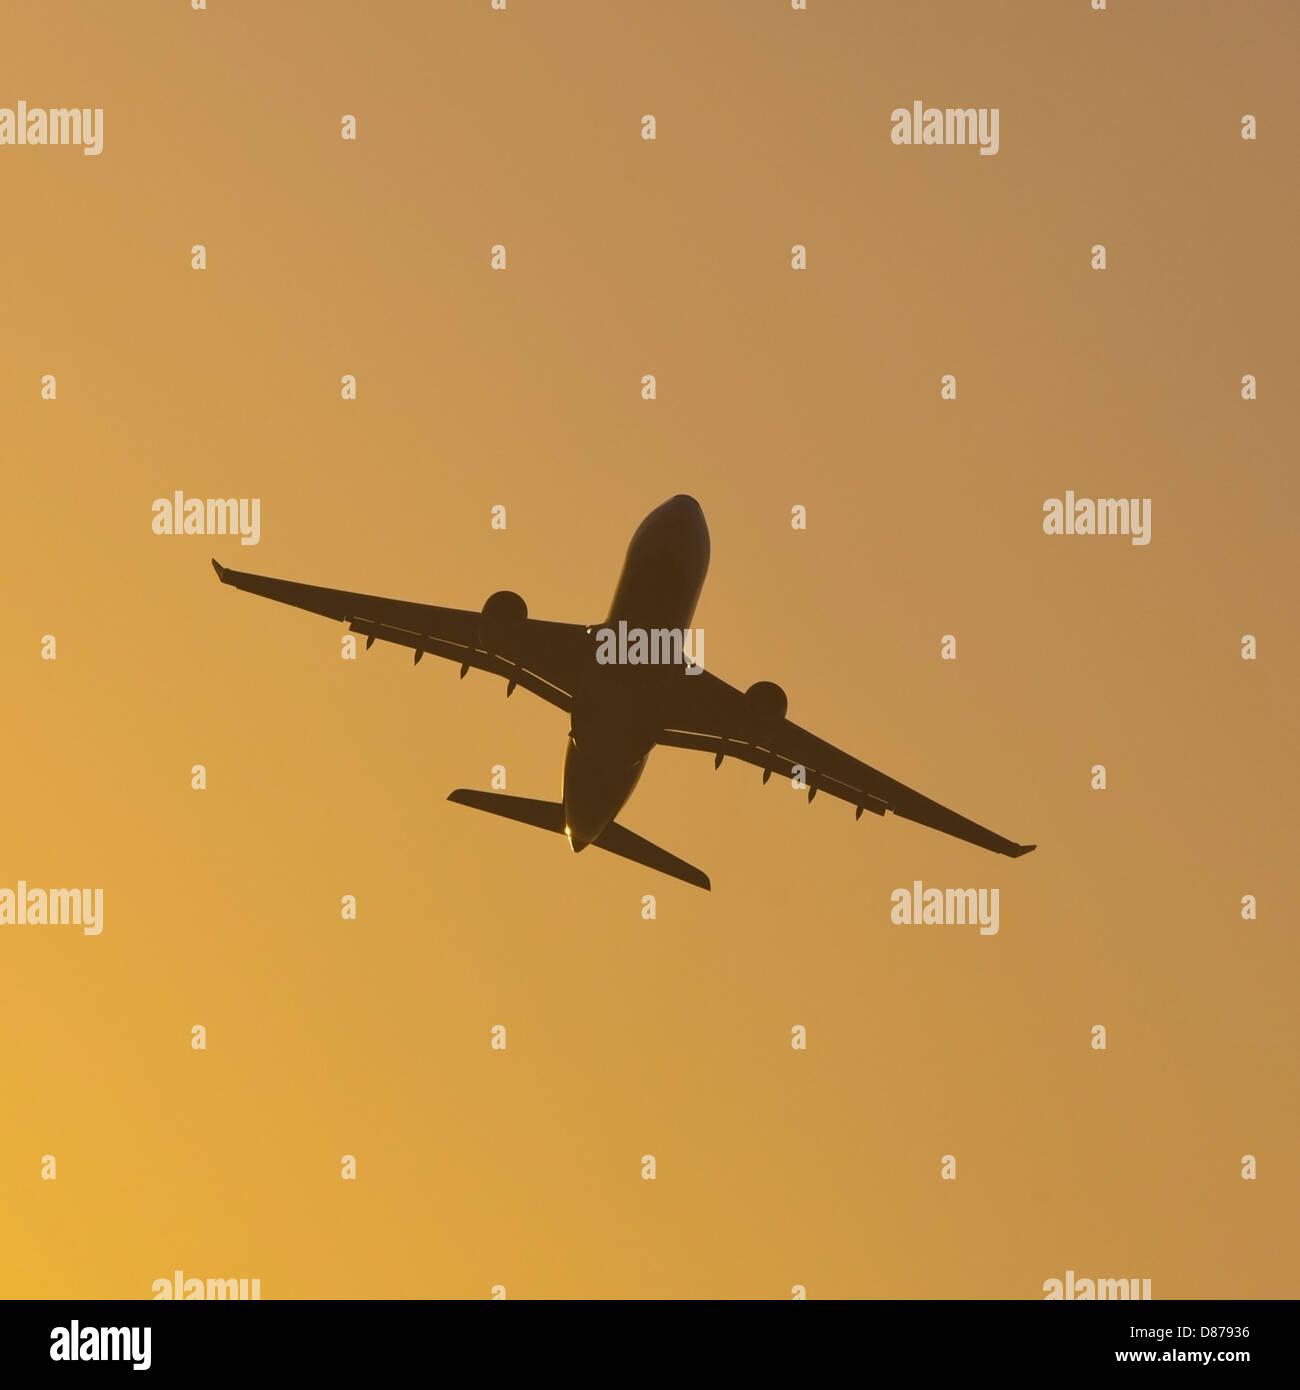 Germany, Baden Wuerttemberg, Stuttgart, Aeroplane flying against sky - Stock Image